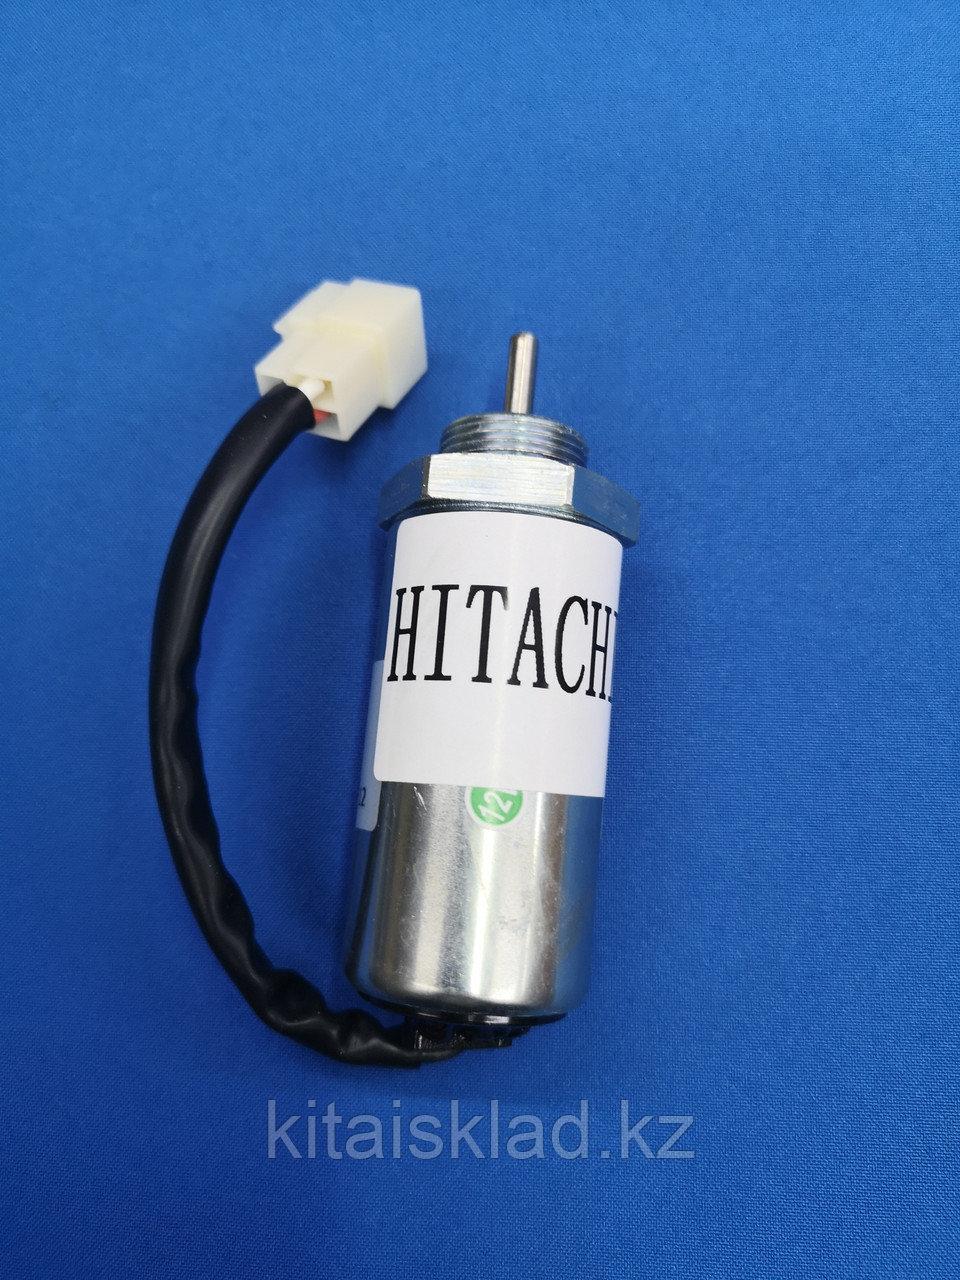 Электромагнитный клапан 897329-5680 остановки топлива, стоп-клапан HITACHI, KOMATSU, ISUZU